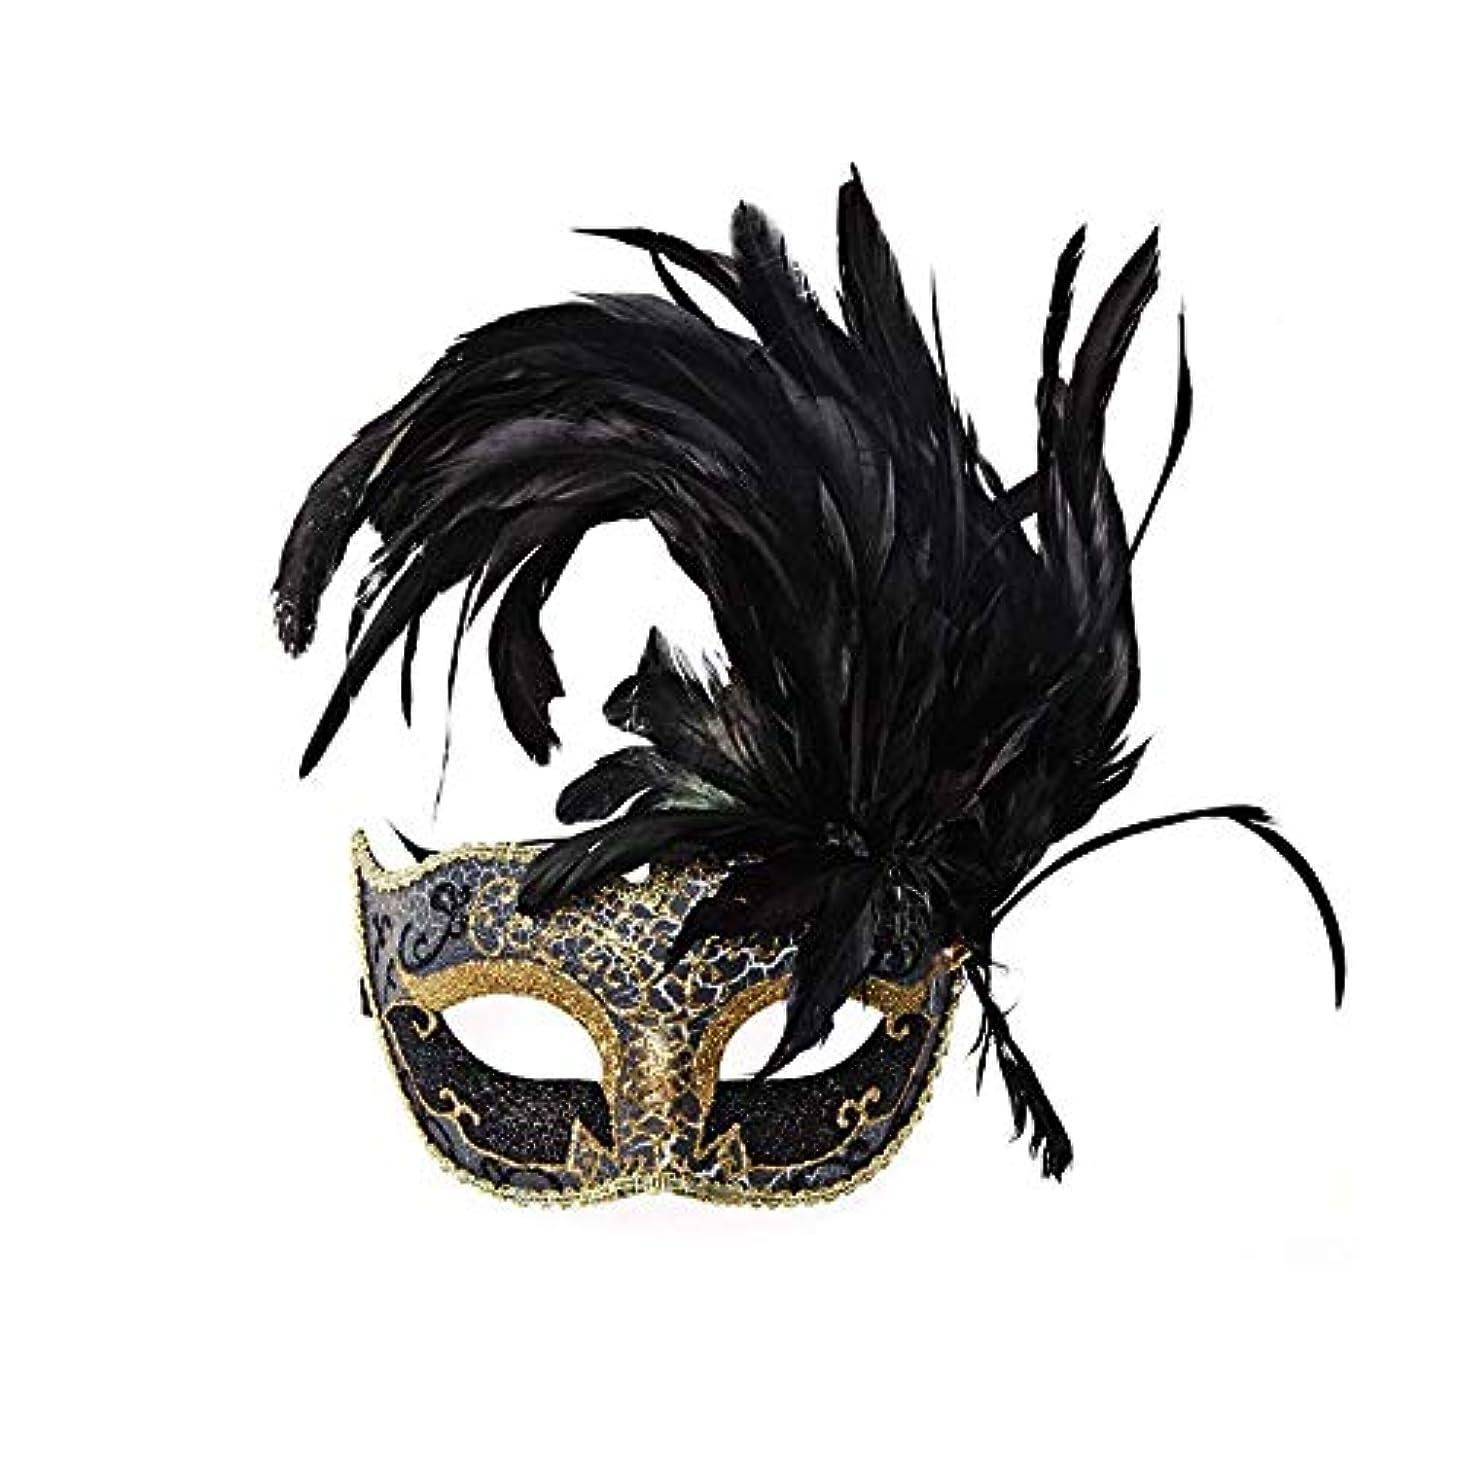 レシピシール動かすNanle ハロウィンマスクハーフフェザーマスクベニスプリンセスマスク美容レース仮面ライダーコスプレ (色 : Style A black)